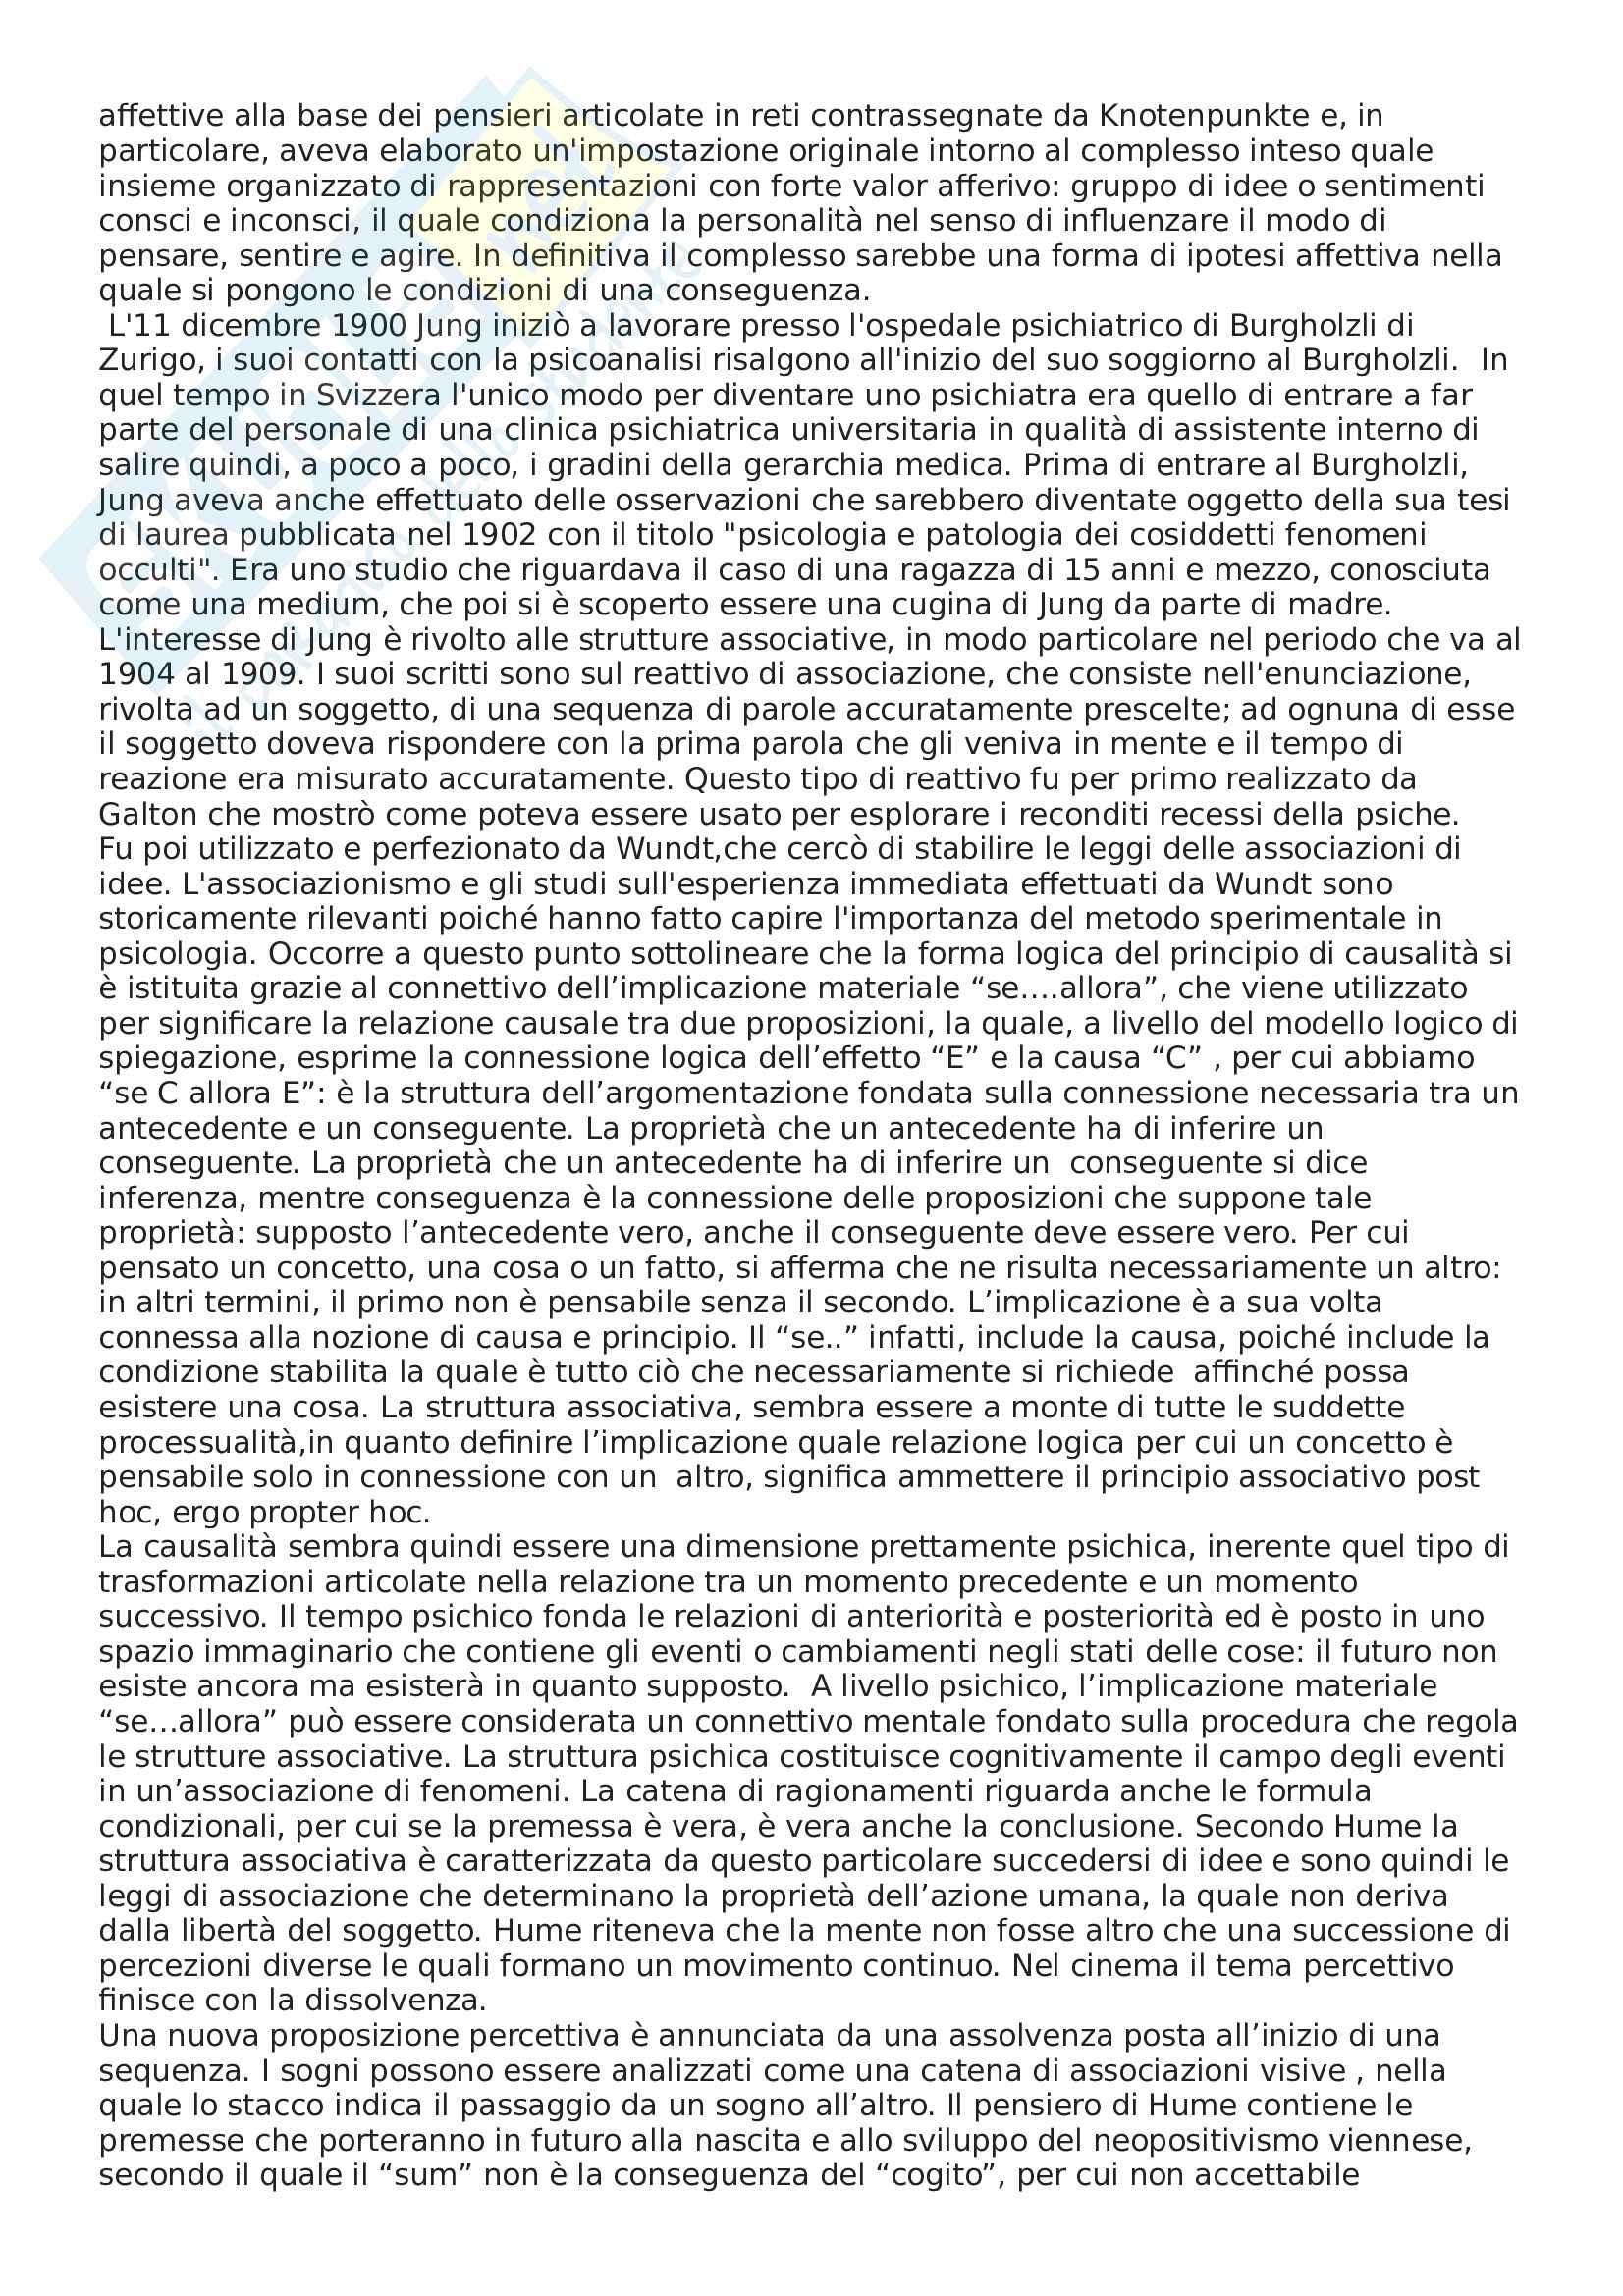 Riassunto esame Psicologia dinamica, prof. Menarini, libro consigliato Freud e Jung: Temi e motivi dell'inconscio Pag. 21